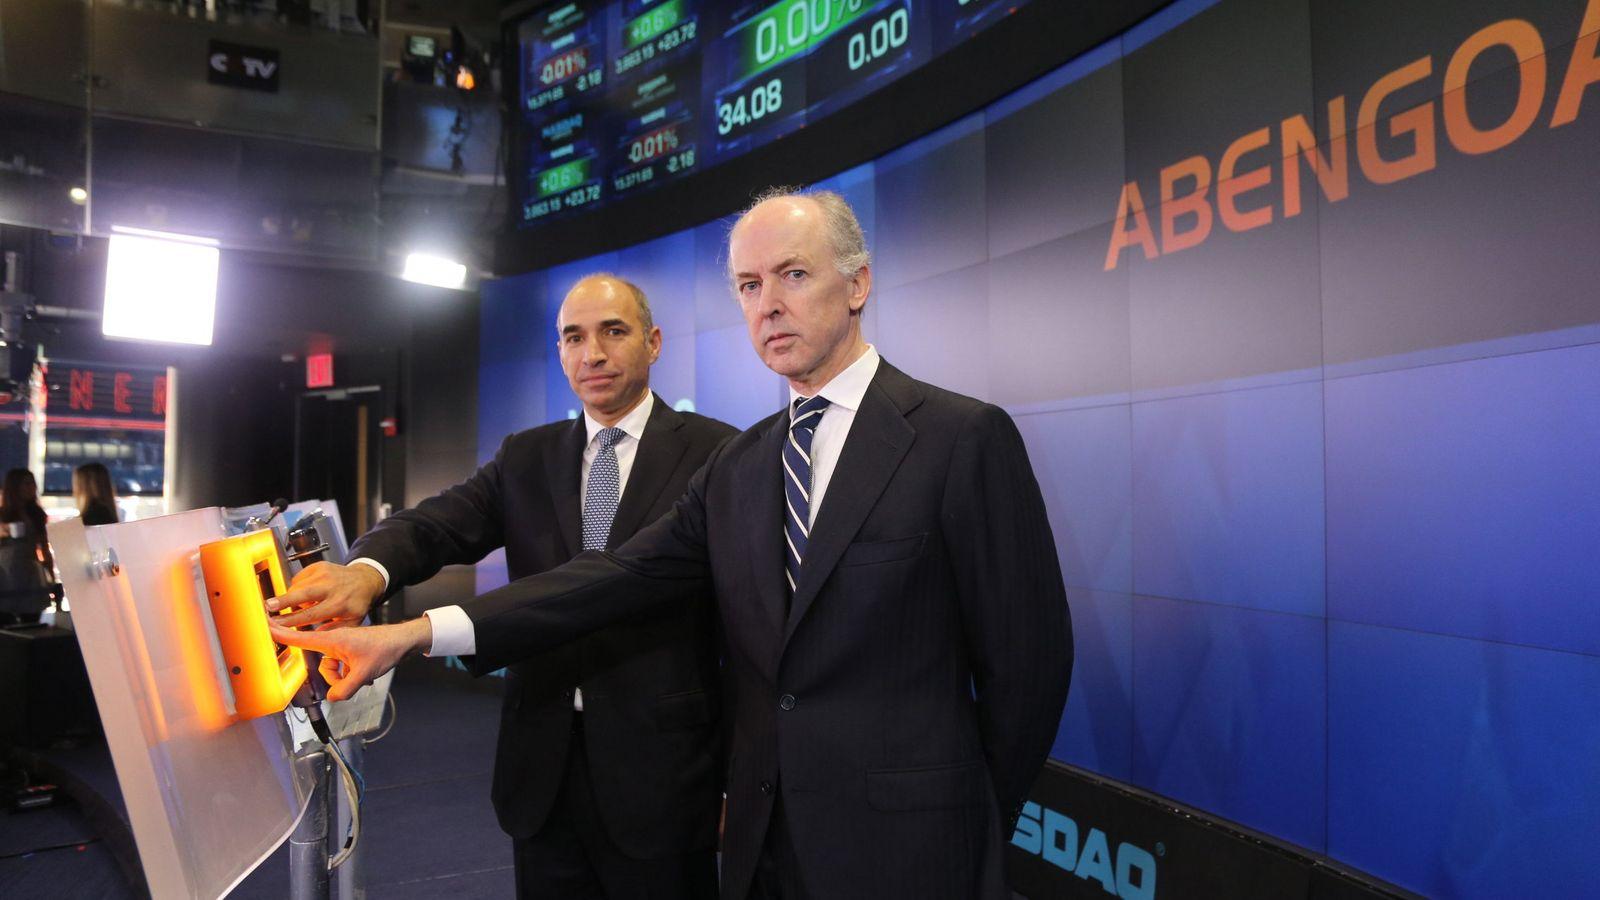 Foto: El presidente de la compañía española Abengoa, Felipe Benjumea (d), y el consejero delegado de la entidad, Manuel Sánchez. (EFE)